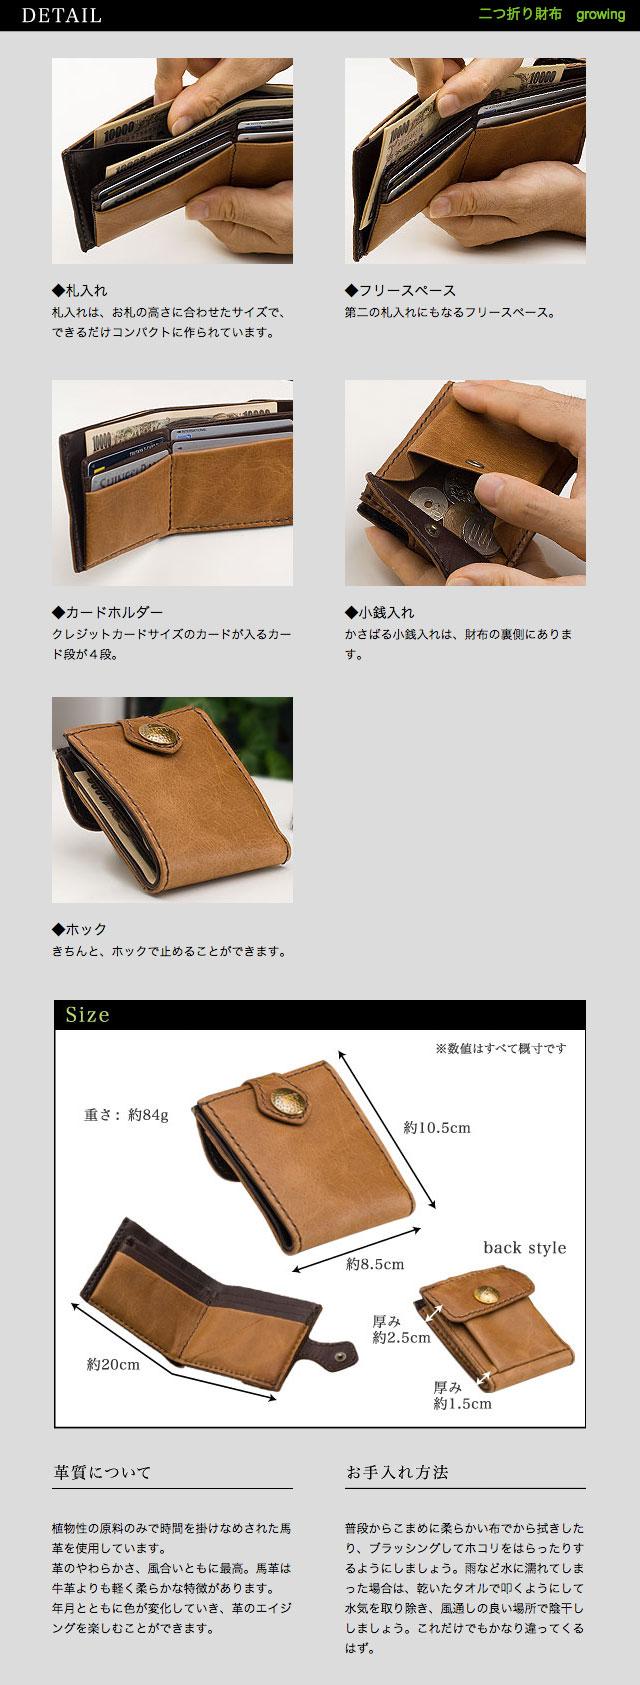 二つ折り財布 イタリア産の馬原皮